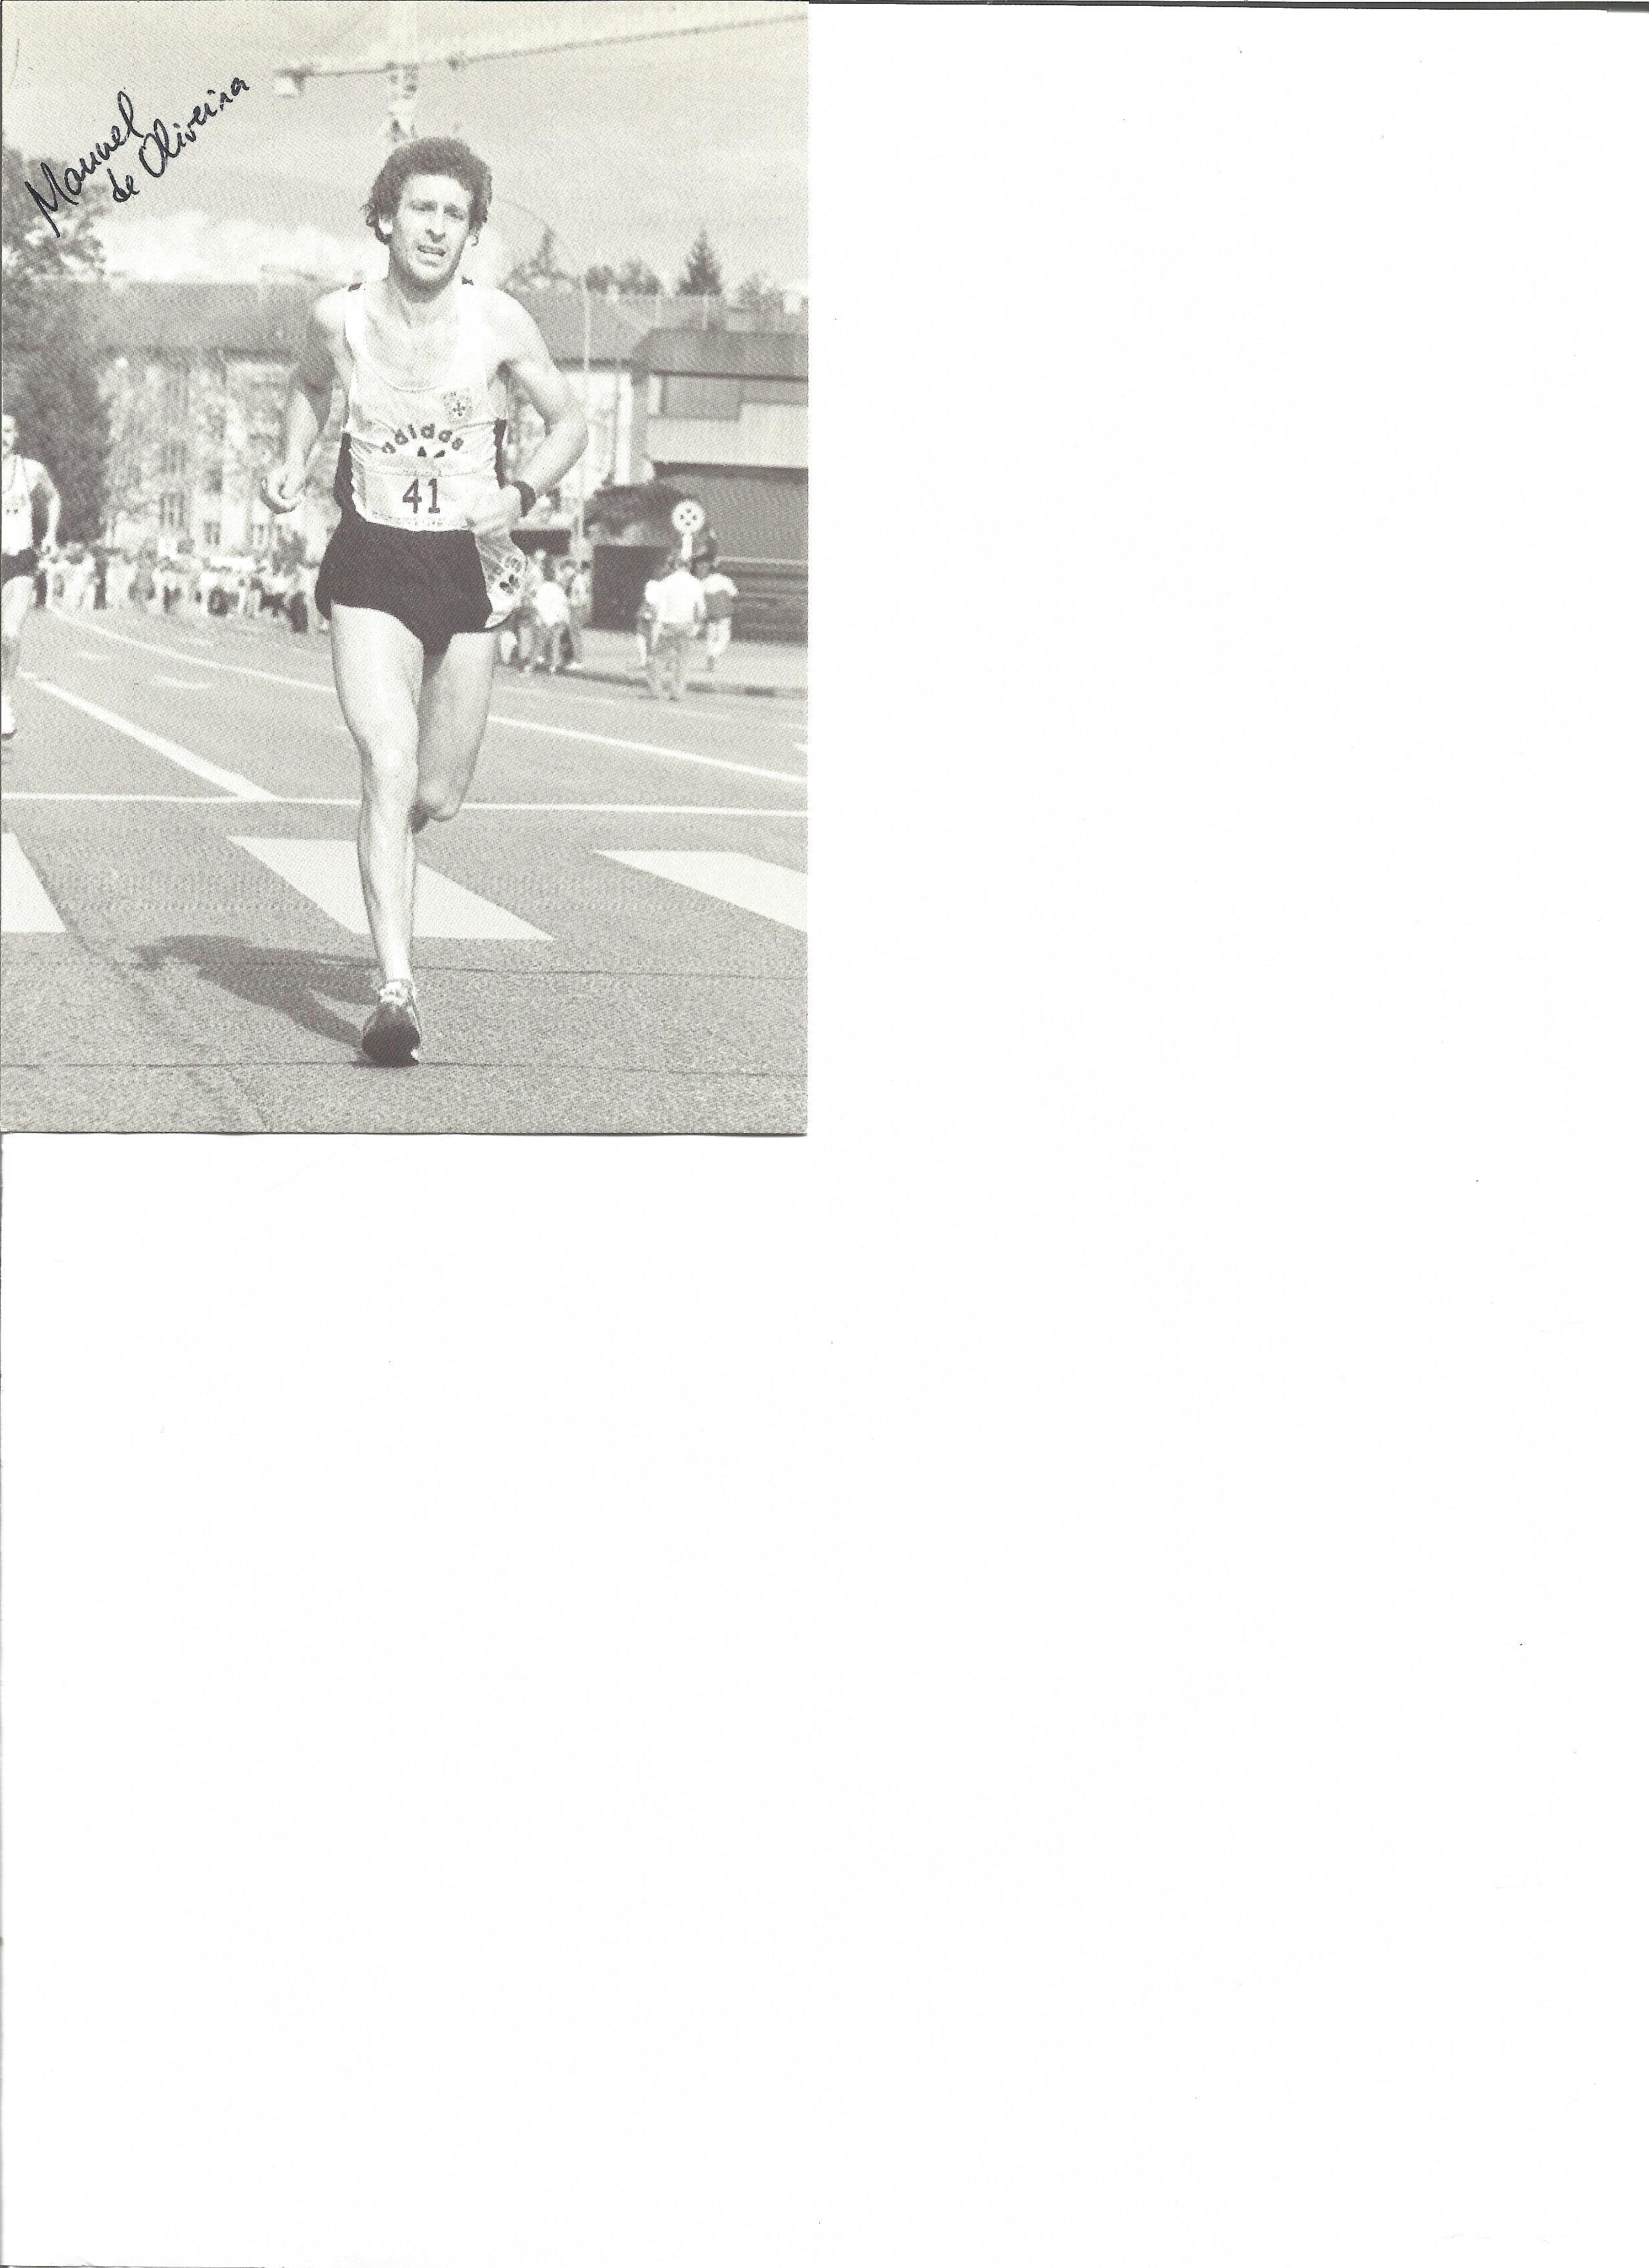 Lot 163 - Athletics Manuel de Oliveira signed 6 x 4 inch black and white promo card. Manuel Figueiredo de